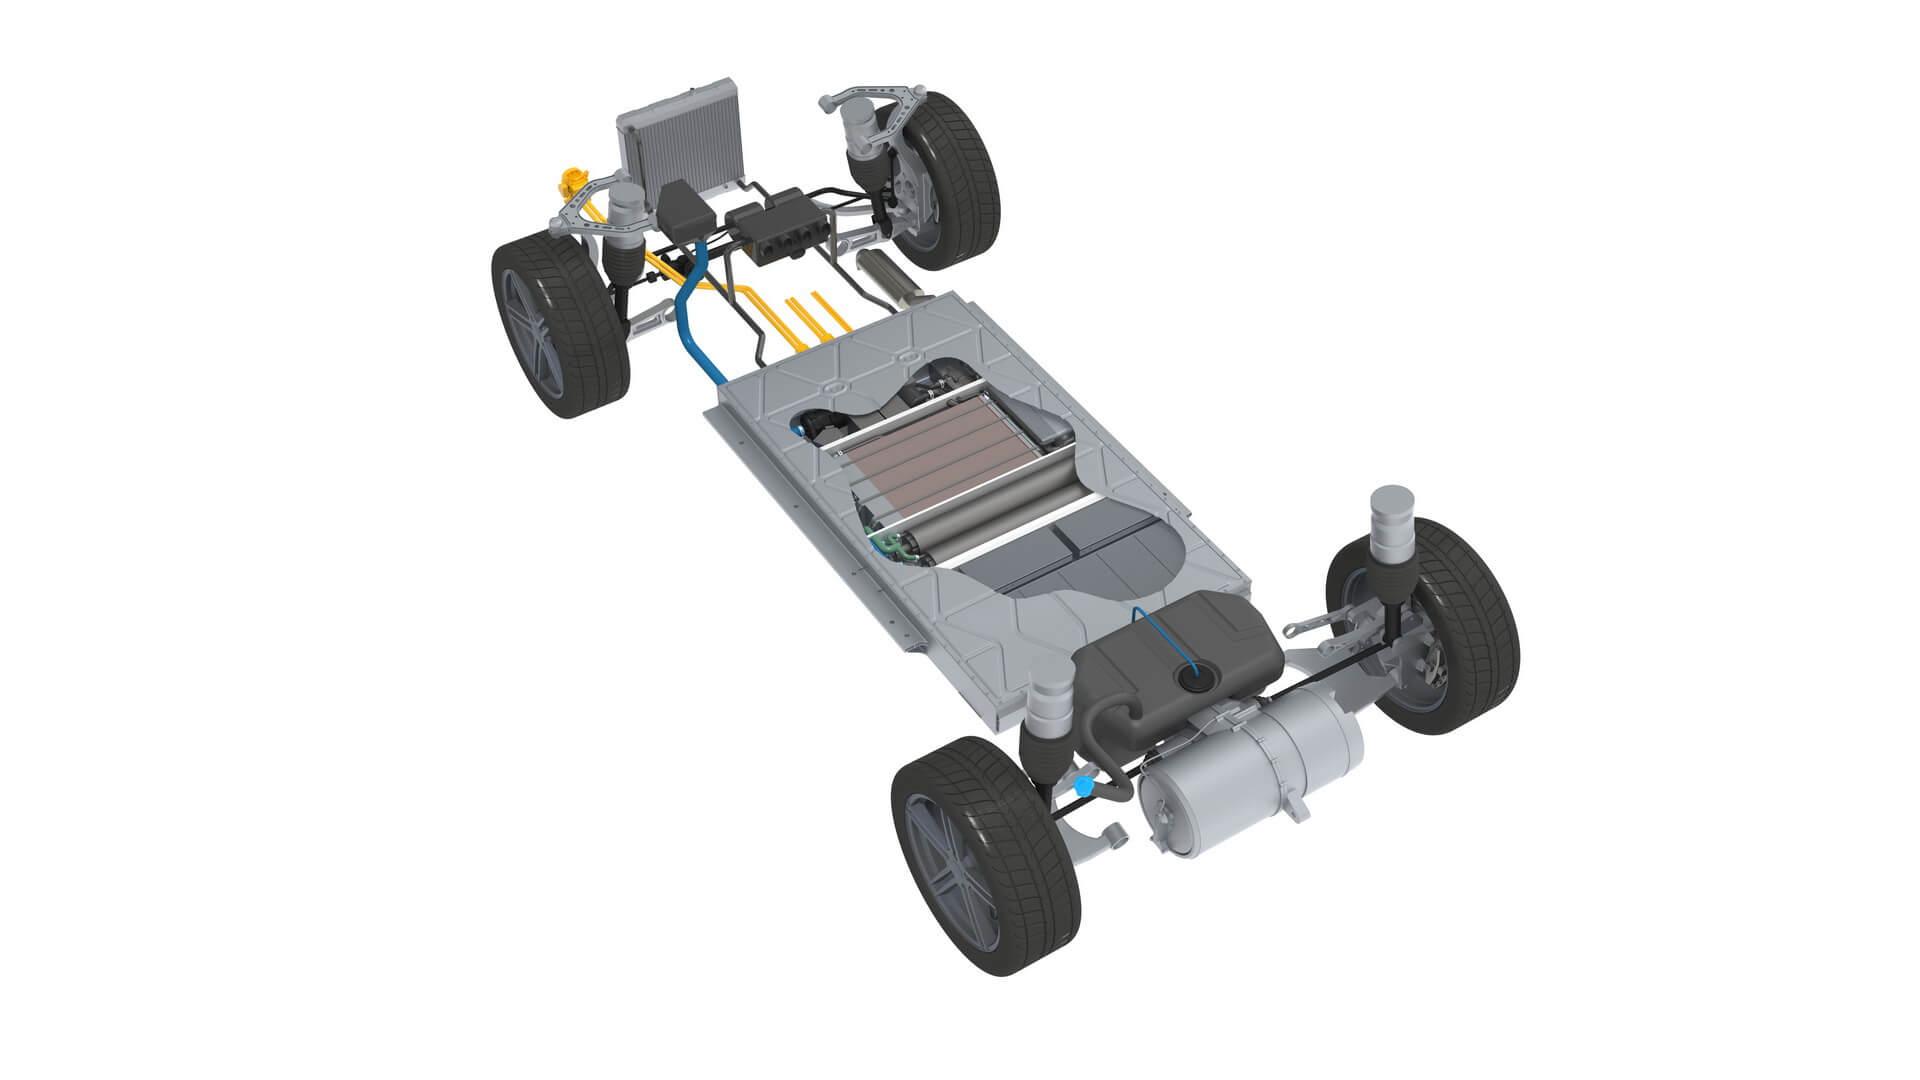 Karma разрабатывает автомобиль способный вырабатывать водород